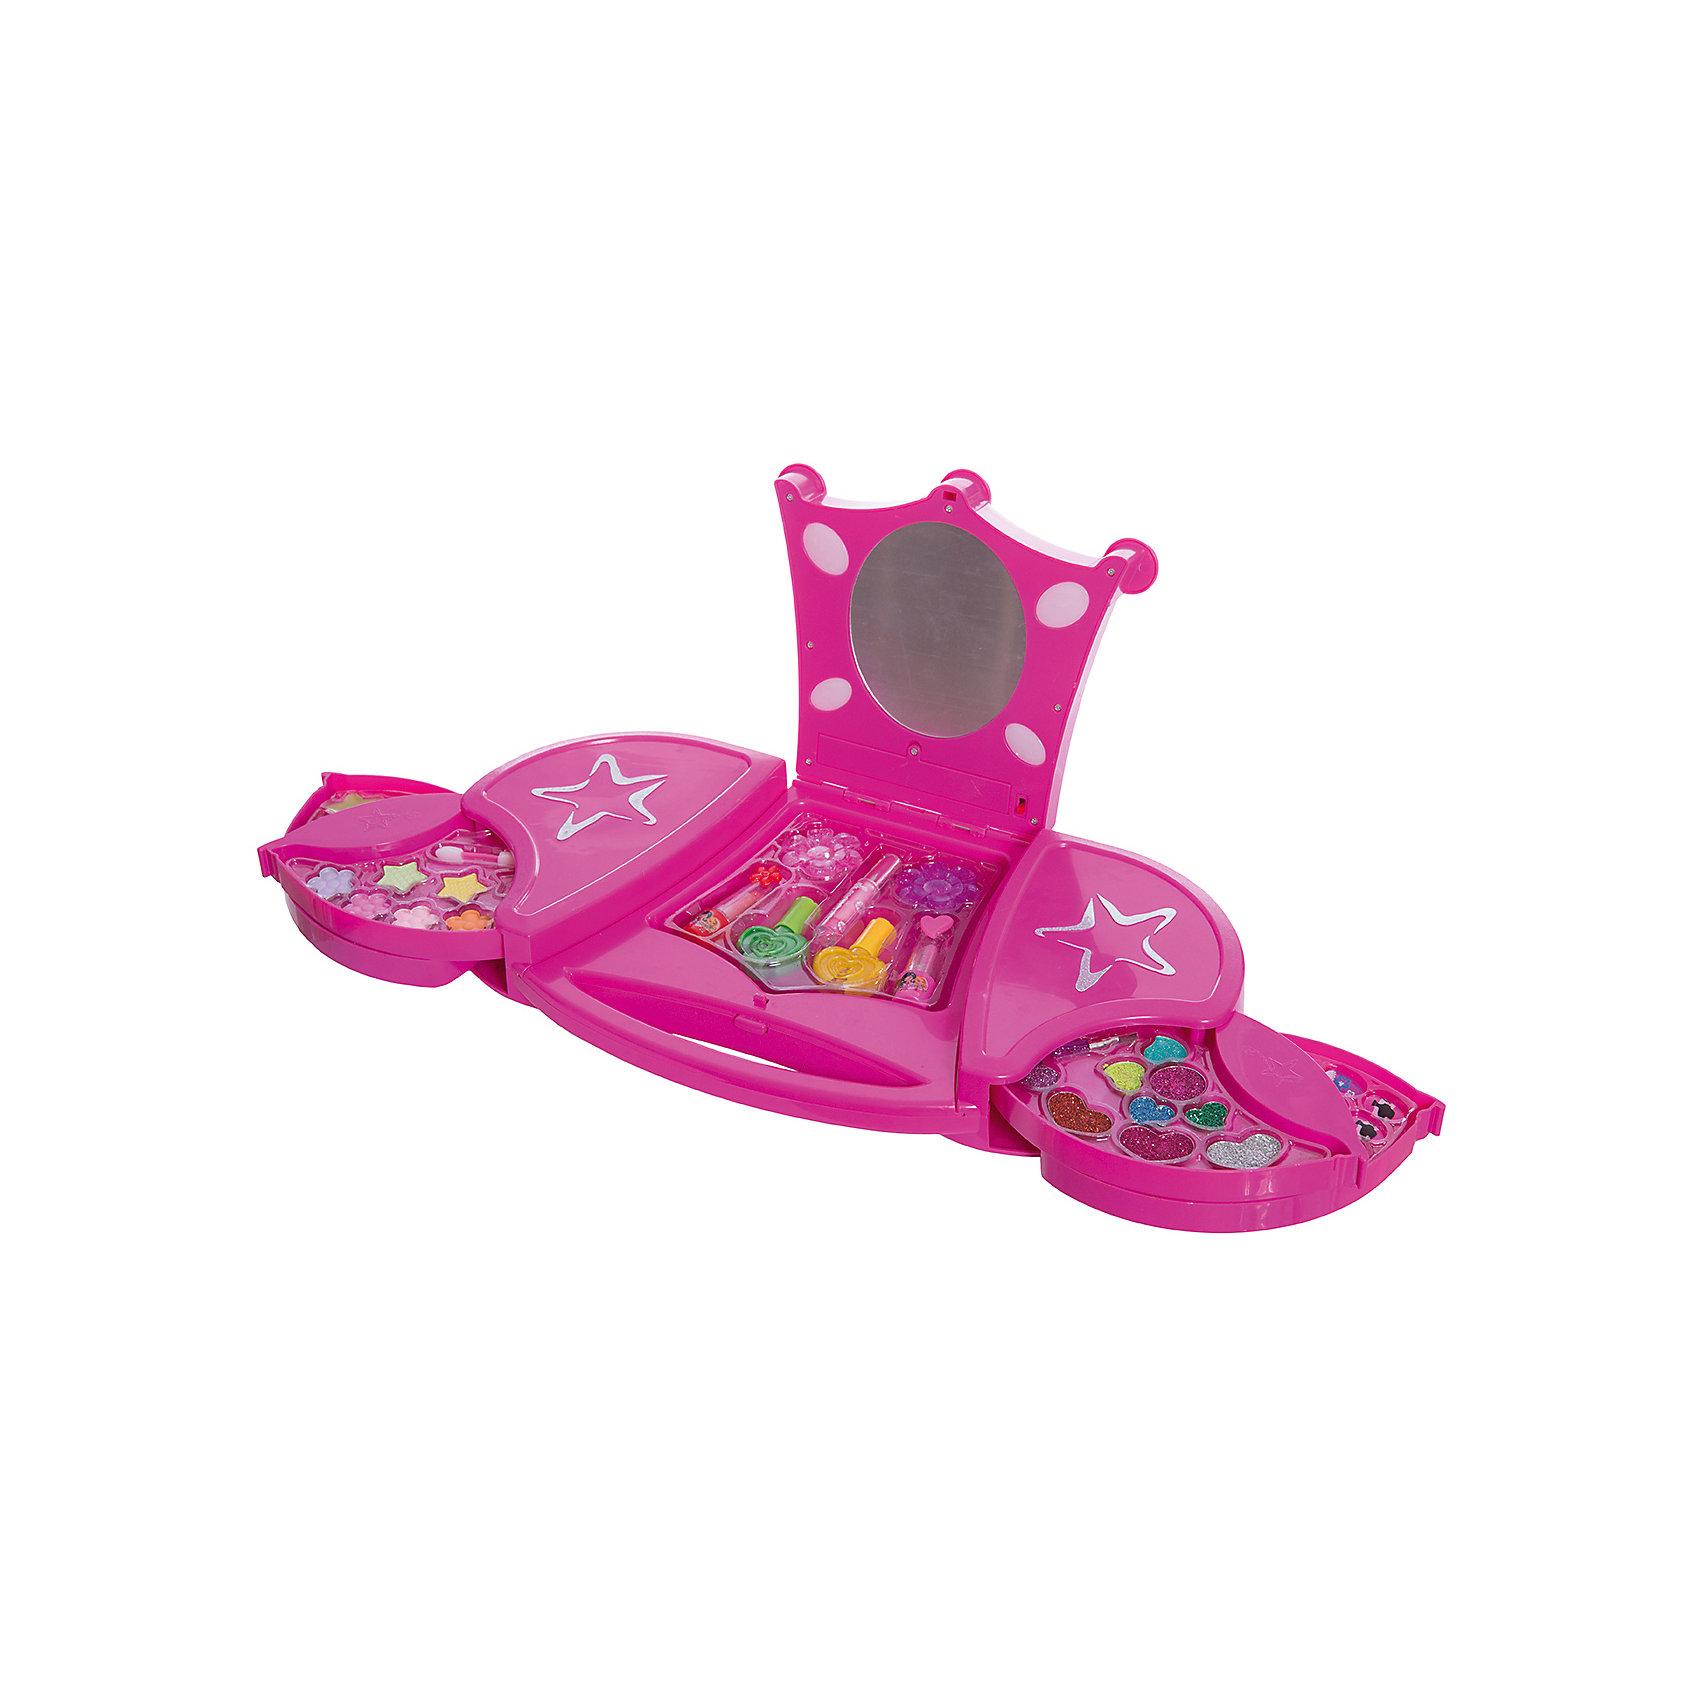 Большой Игровой косметический набор Звездный чемоданчик с подсветкой, Beauty AngelХарактеристики:<br><br>• Вид игрушек: детская косметика<br>• Пол: для девочки<br>• Материал: пластик, натуральные компоненты и красители<br>• Цвет: оттенки розового, голубой, желтый, зеленый, оранжевый и др.<br>• Комплектация: <br> тени для век – 12 тонов<br> блеск для губ – 3 тона<br> губная помада – 2 тона<br> лак для ногтей – 2 тона<br> накладные ногти – 12 шт.<br> кисточка – 2 шт.<br> заколка для волос – 2 шт. <br>• Форма футляра: туалетный столик<br>• У зеркала предусмотрена подстветка<br>• Батарейки: 2 шт. типа АА (в комплекте не предусмотрены)<br>• Размер упаковки (Д*Ш*В): 23,5*6*41,5 см<br>• Вес: 980 г<br>• Упаковка: картонная коробка с блистером<br><br>Большой Игровой косметический набор Звездный чемоданчик с подсветкой, Beauty Angel от всемирно известного торгового бренда Dileny, который занимается разработкой, дизайном и выпуском детской декоративной косметики с учетом модных и стильных тенденций мира моды. Линейка наборов Beauty Angel представляет собой косметические наборы в состав которых входят как матовые, так и перламутровые оттенки, аксессуары и инструменты для нанесения макияжа. <br><br>Декоративная косметика от Dileny легко наносится, ложится ровным слоем, не осыпается и легко смывается либо теплой водой, либо детским косметическим маслом. Косметика обладает повышенными гипоаллергенными свойствами и легким ароматом. Большой Игровой косметический набор Звездный чемоданчик с подсветкой, Beauty Angel состоит из 12 оттенков теней для век, блеска для губ, губной помады, лака для ногтей, накладных ногтей, заколок и кисточек. Футляр выполнен в виде туалетного столика с зеркалом. У зеркала предусмотрена подстветка.<br><br>Большой Игровой косметический набор Звездный чемоданчик с подсветкой, Beauty Angel станет идеальным подарком для девочки к любому празднику.<br><br>Большой Игровой косметический набор Звездный чемоданчик с подсветкой, Beauty Angel можно купить в нашем инте